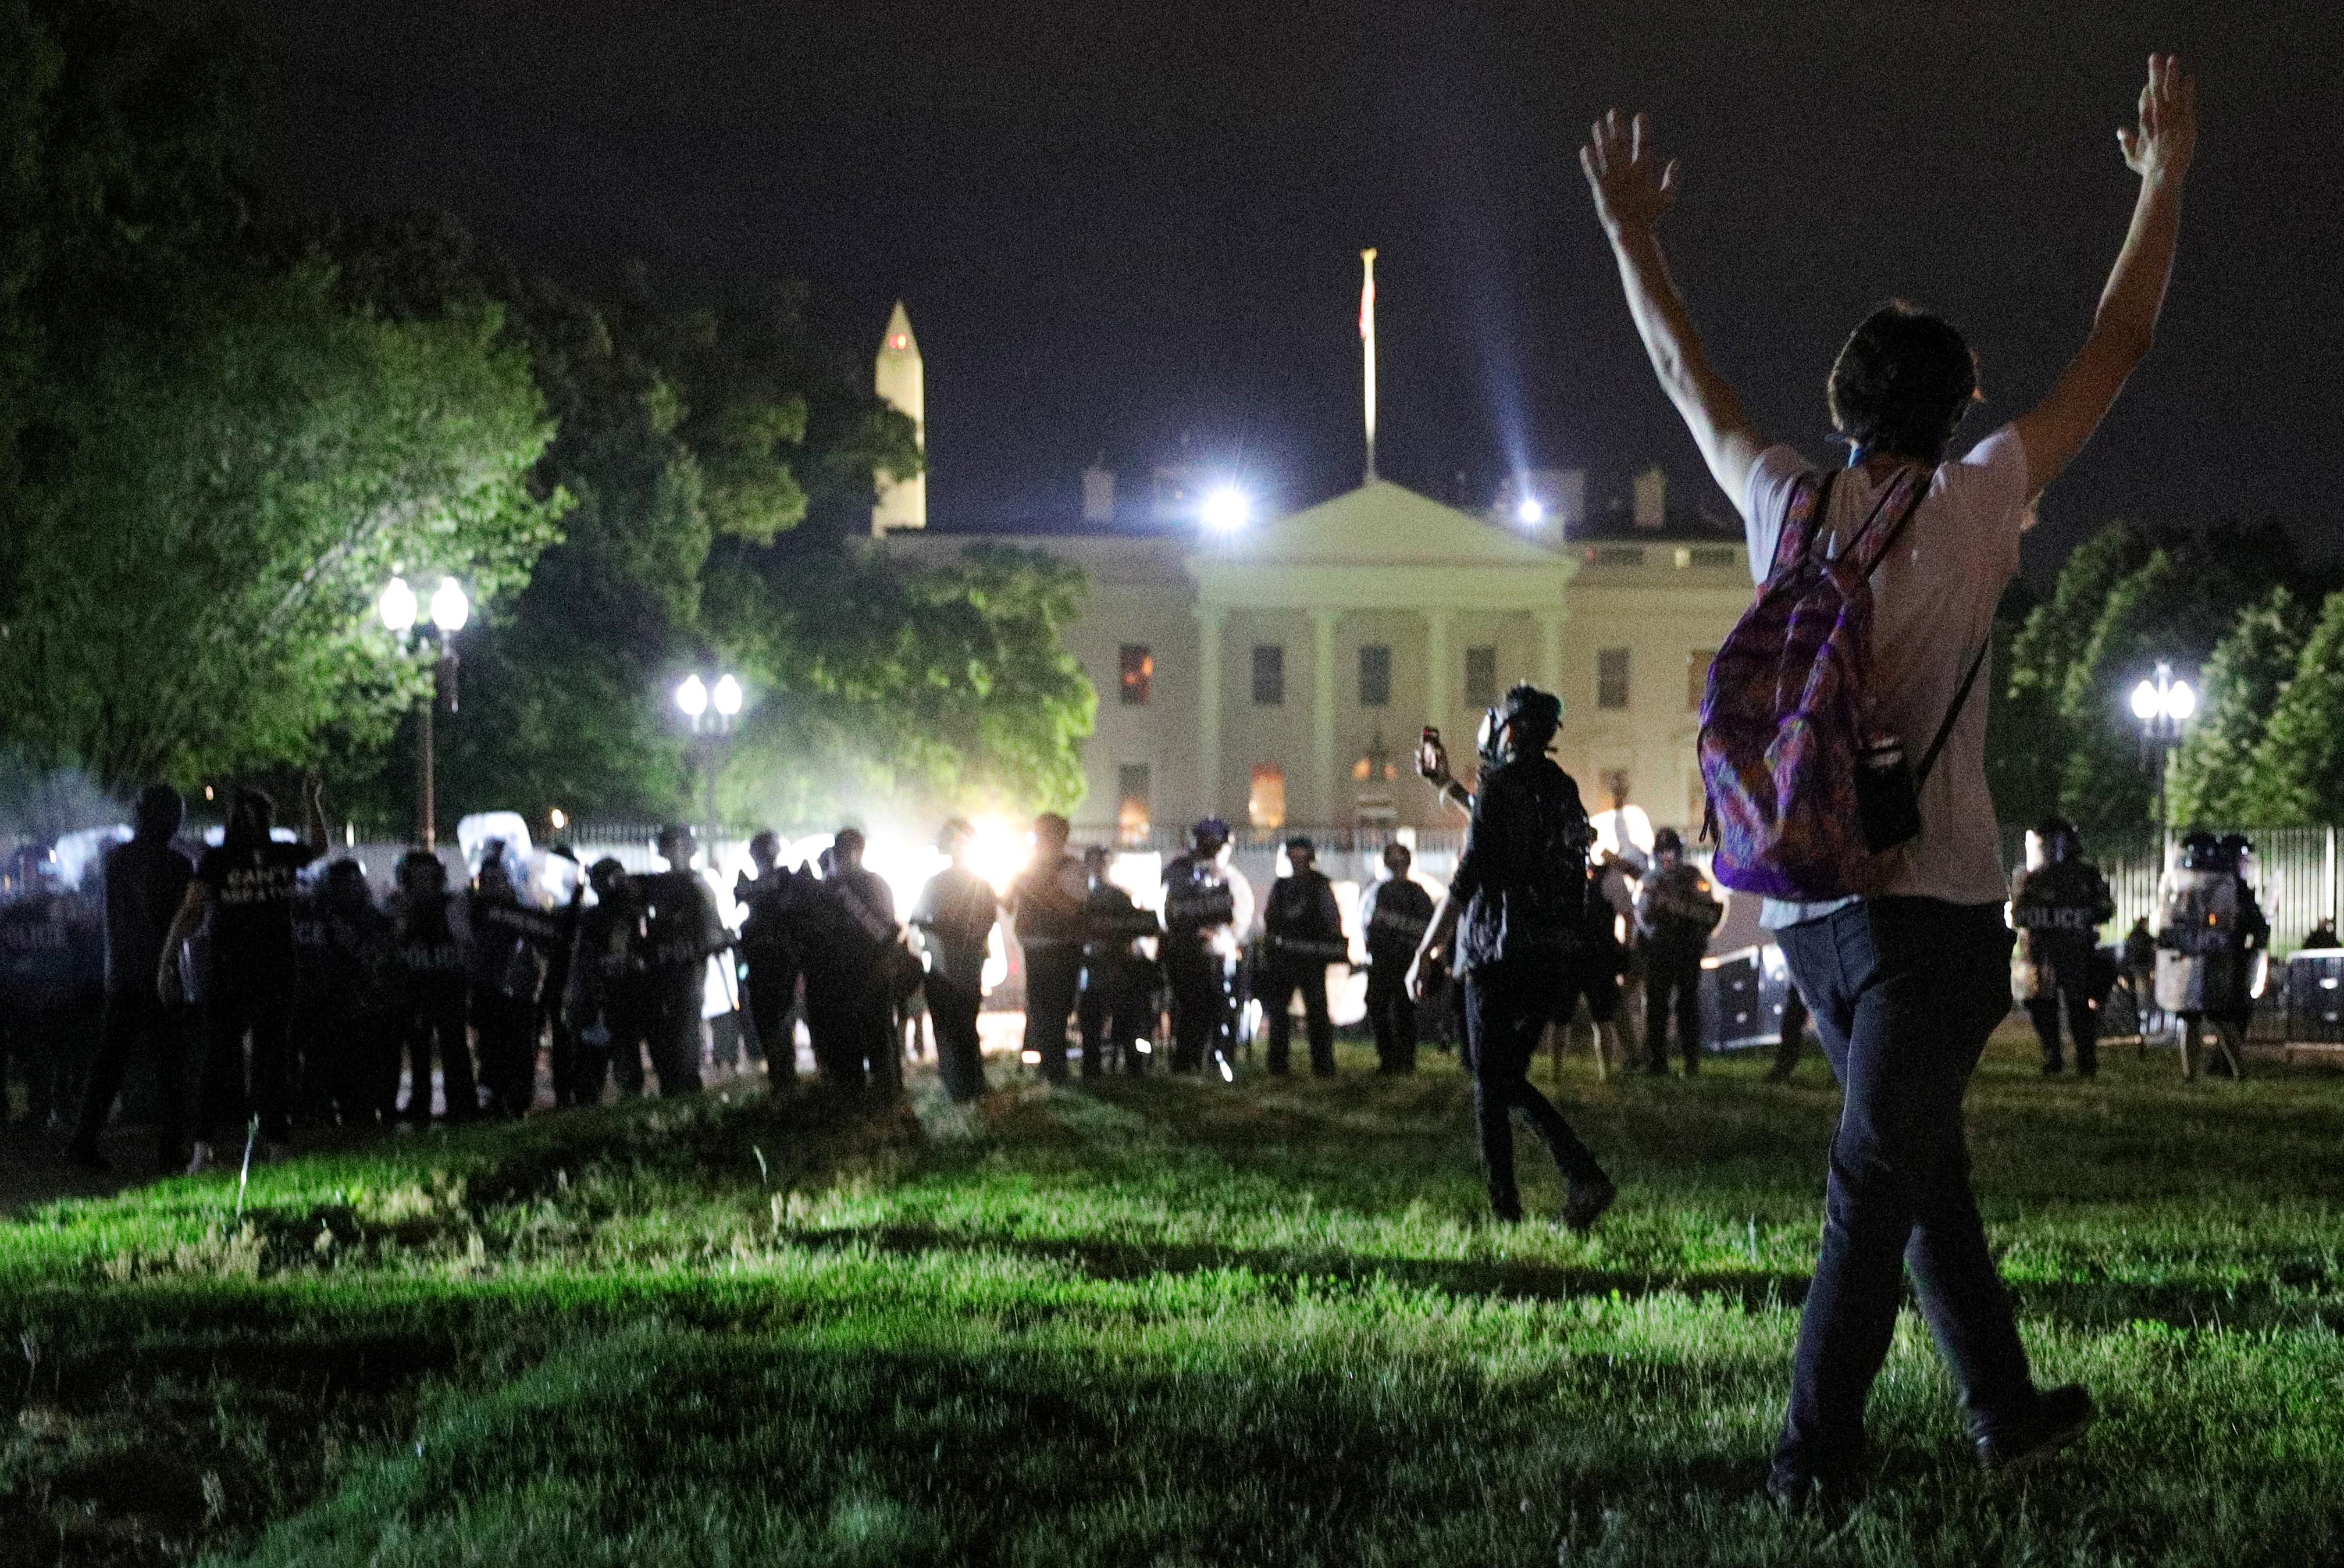 Des troubles civils éclatent dans les villes américaines suite au meurtre de Minneapolis